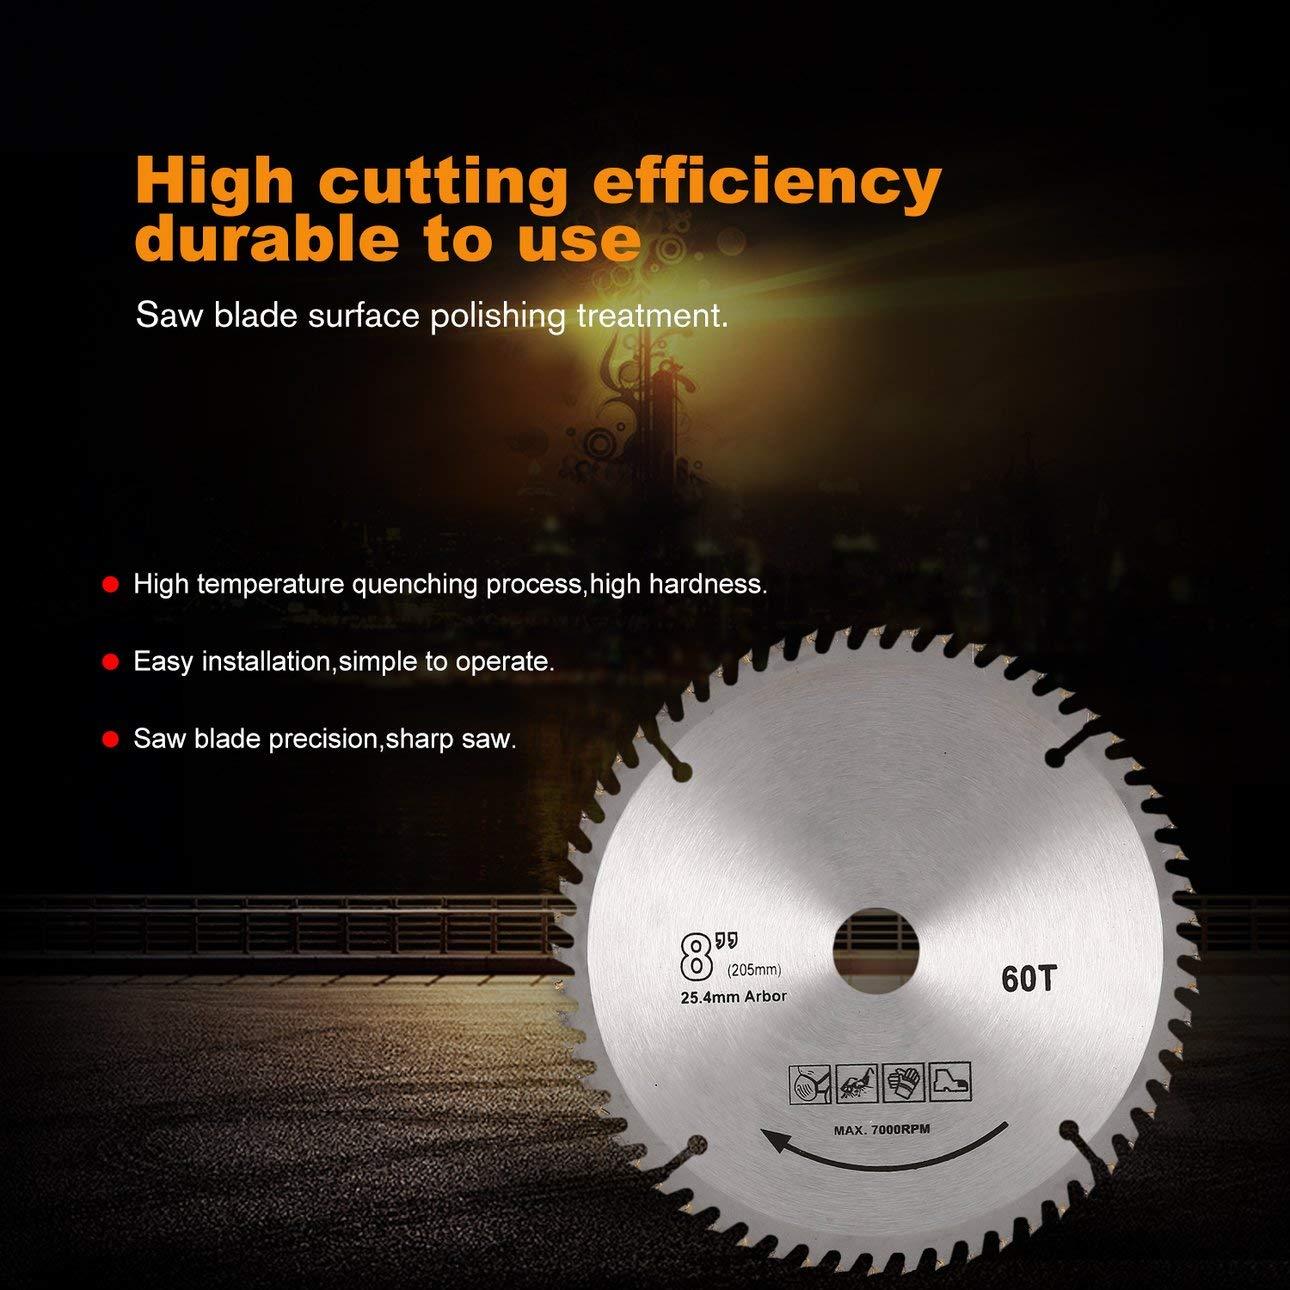 Ballylelly-Pratical 4 Inches High Speed Cutting 40Z/ähne Hohe H/ärte Holzbearbeitung Kreiss/ägebl/ätter Diamanttrennscheiben von